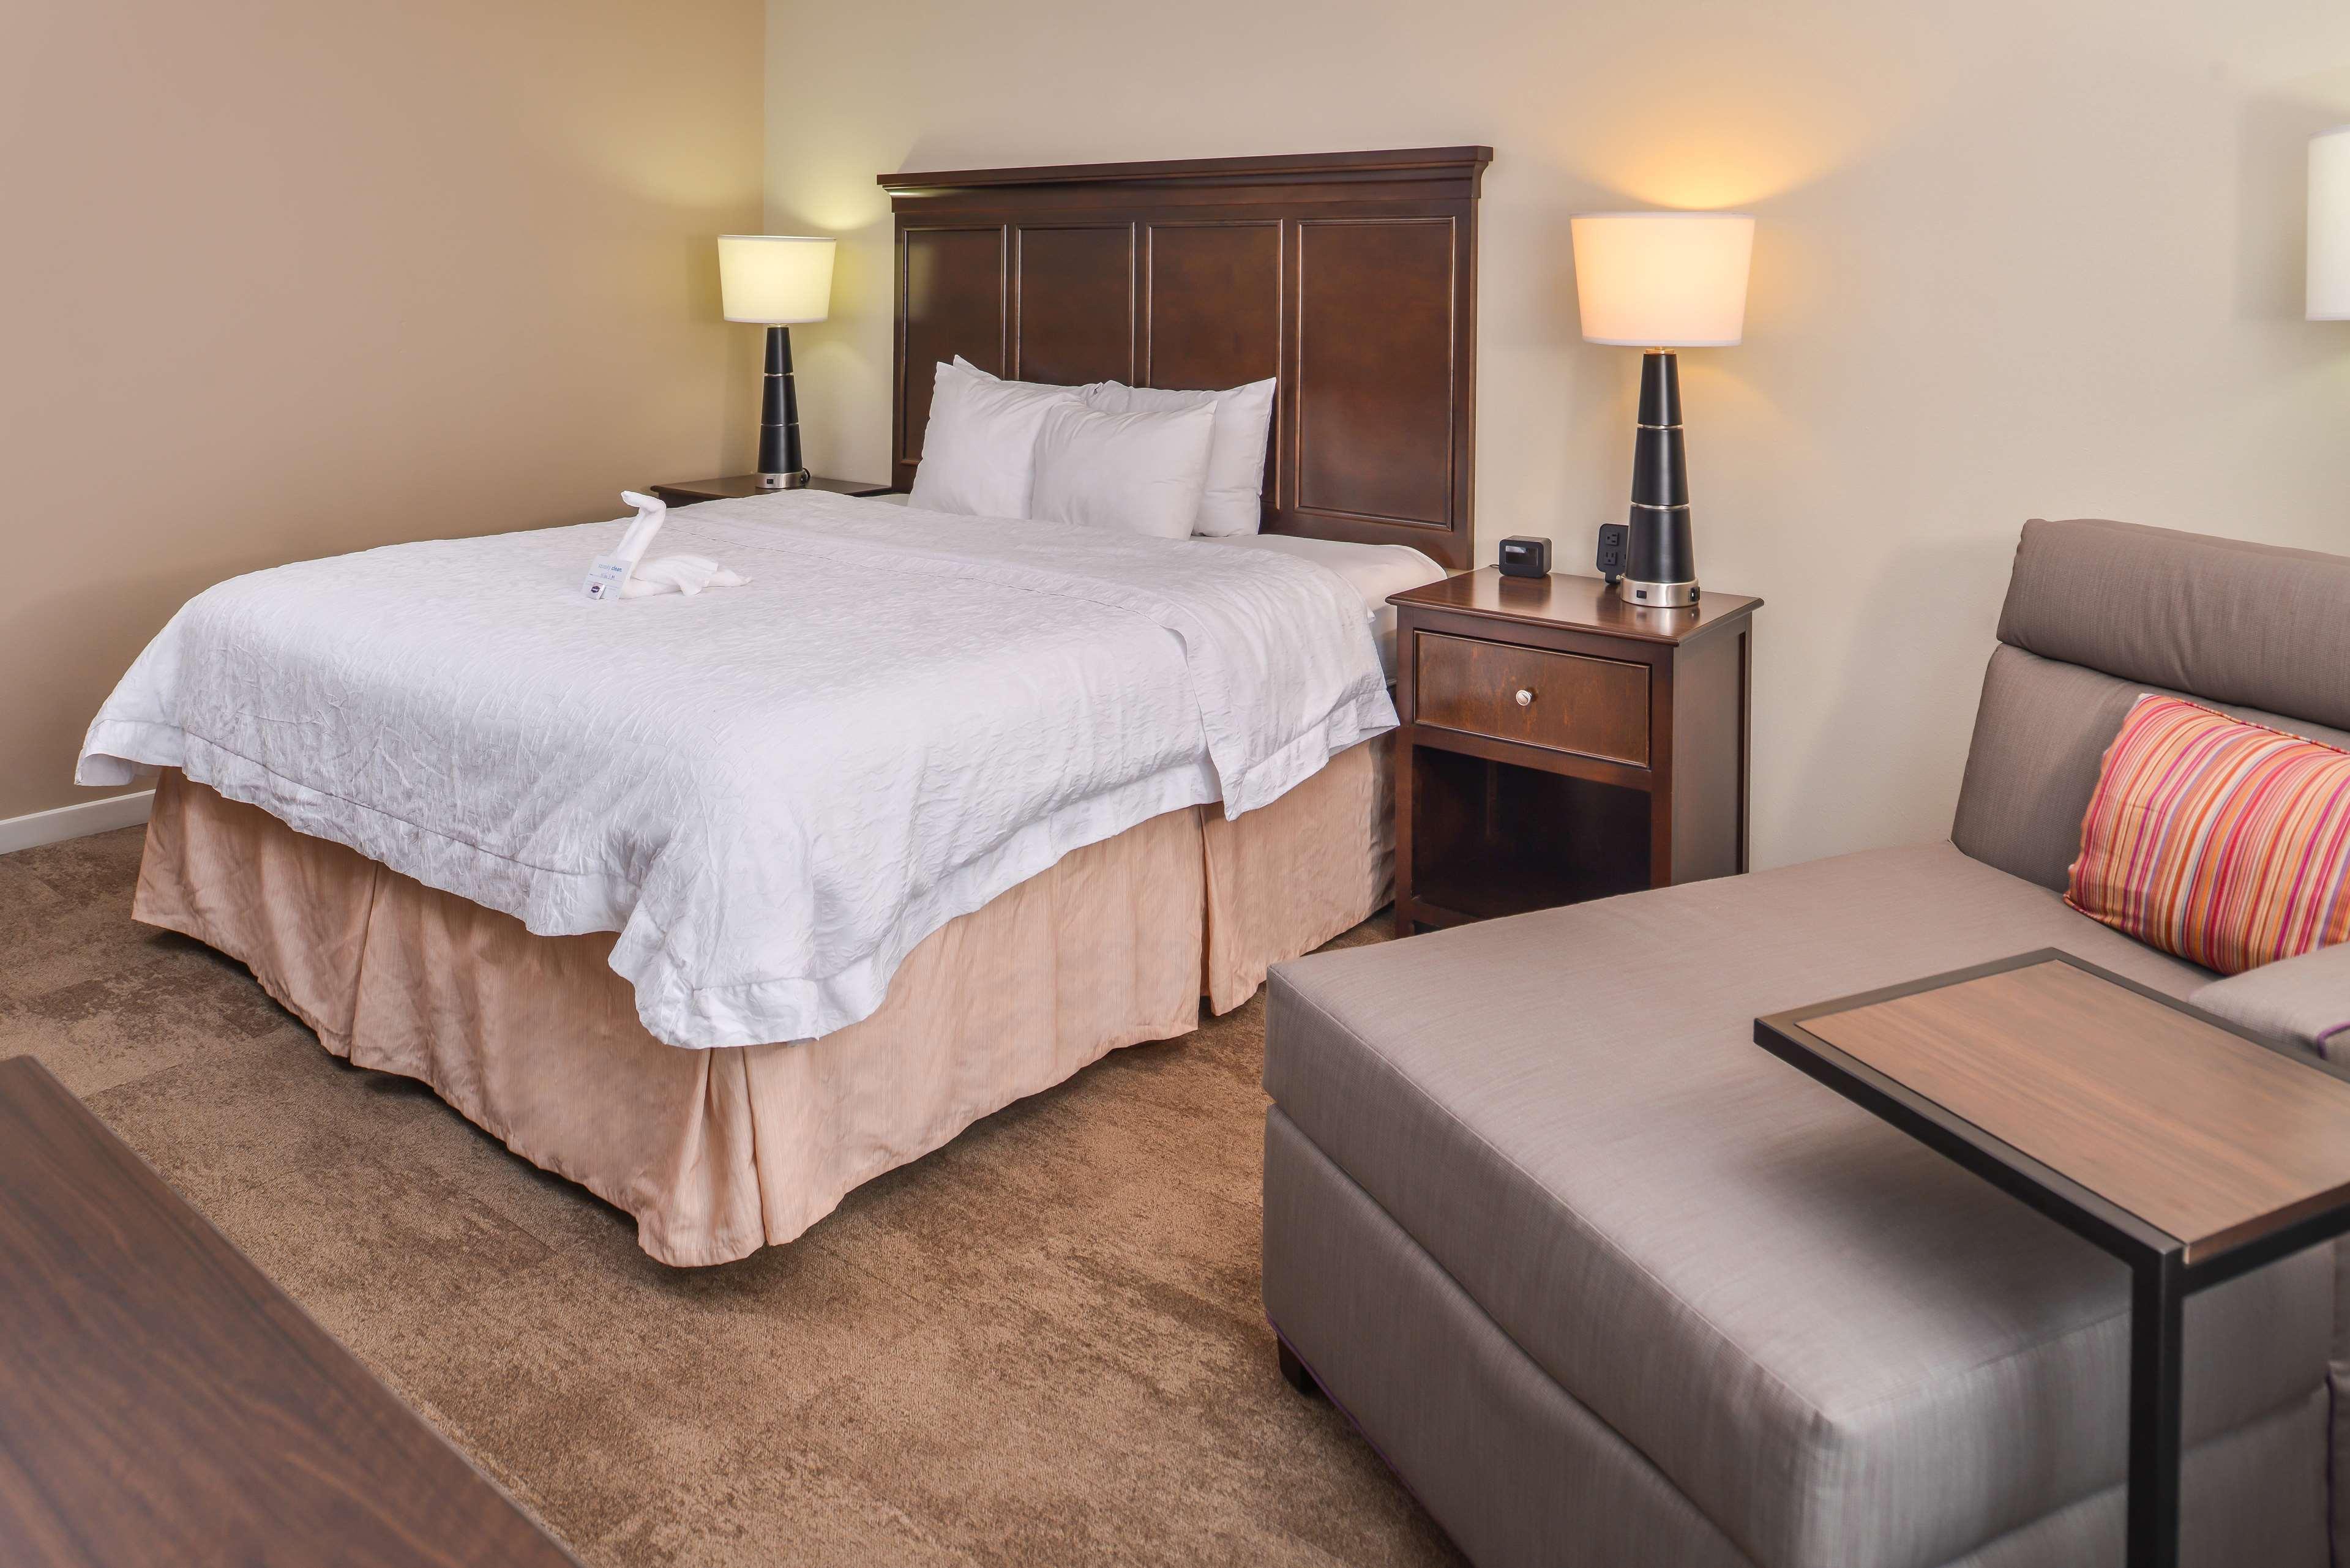 Hampton Inn & Suites Charlotte-Arrowood Rd. image 35